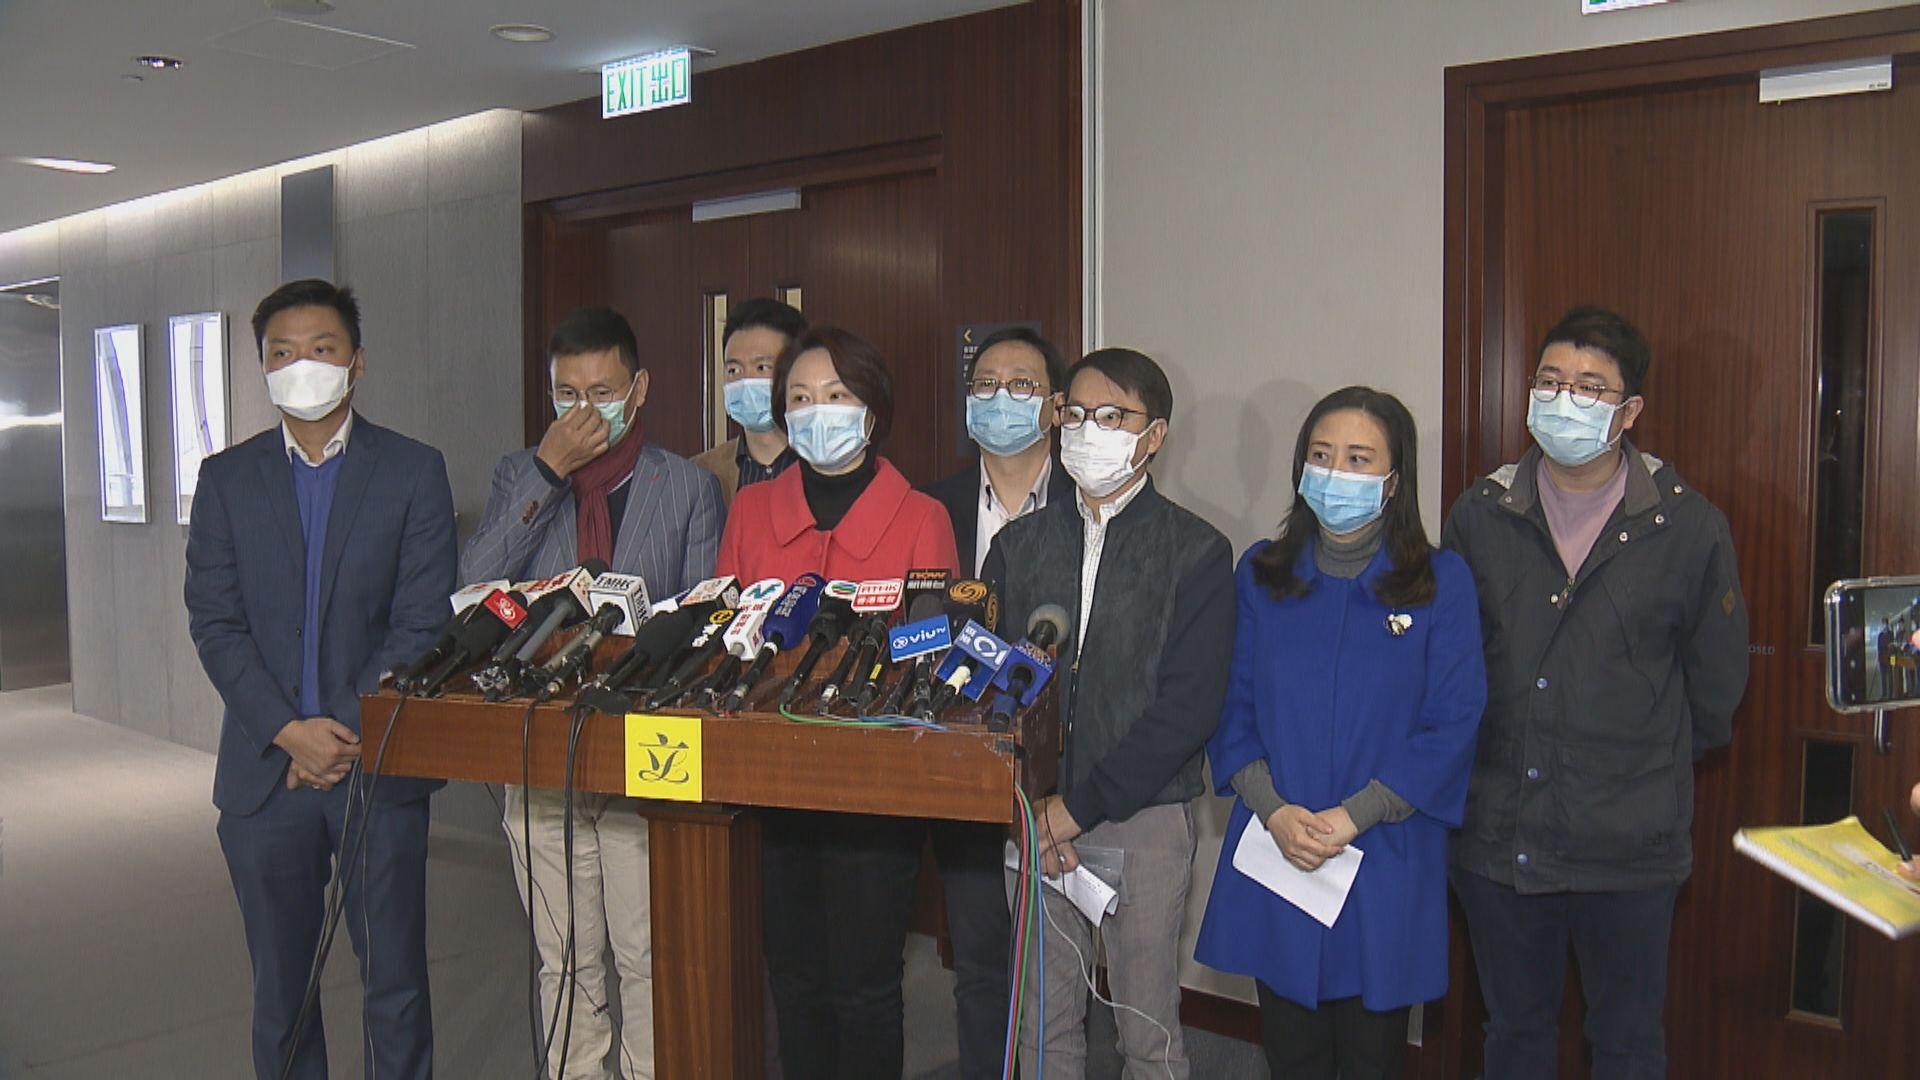 民建聯倡政府向18歲以上市民派一萬元抗疫津貼